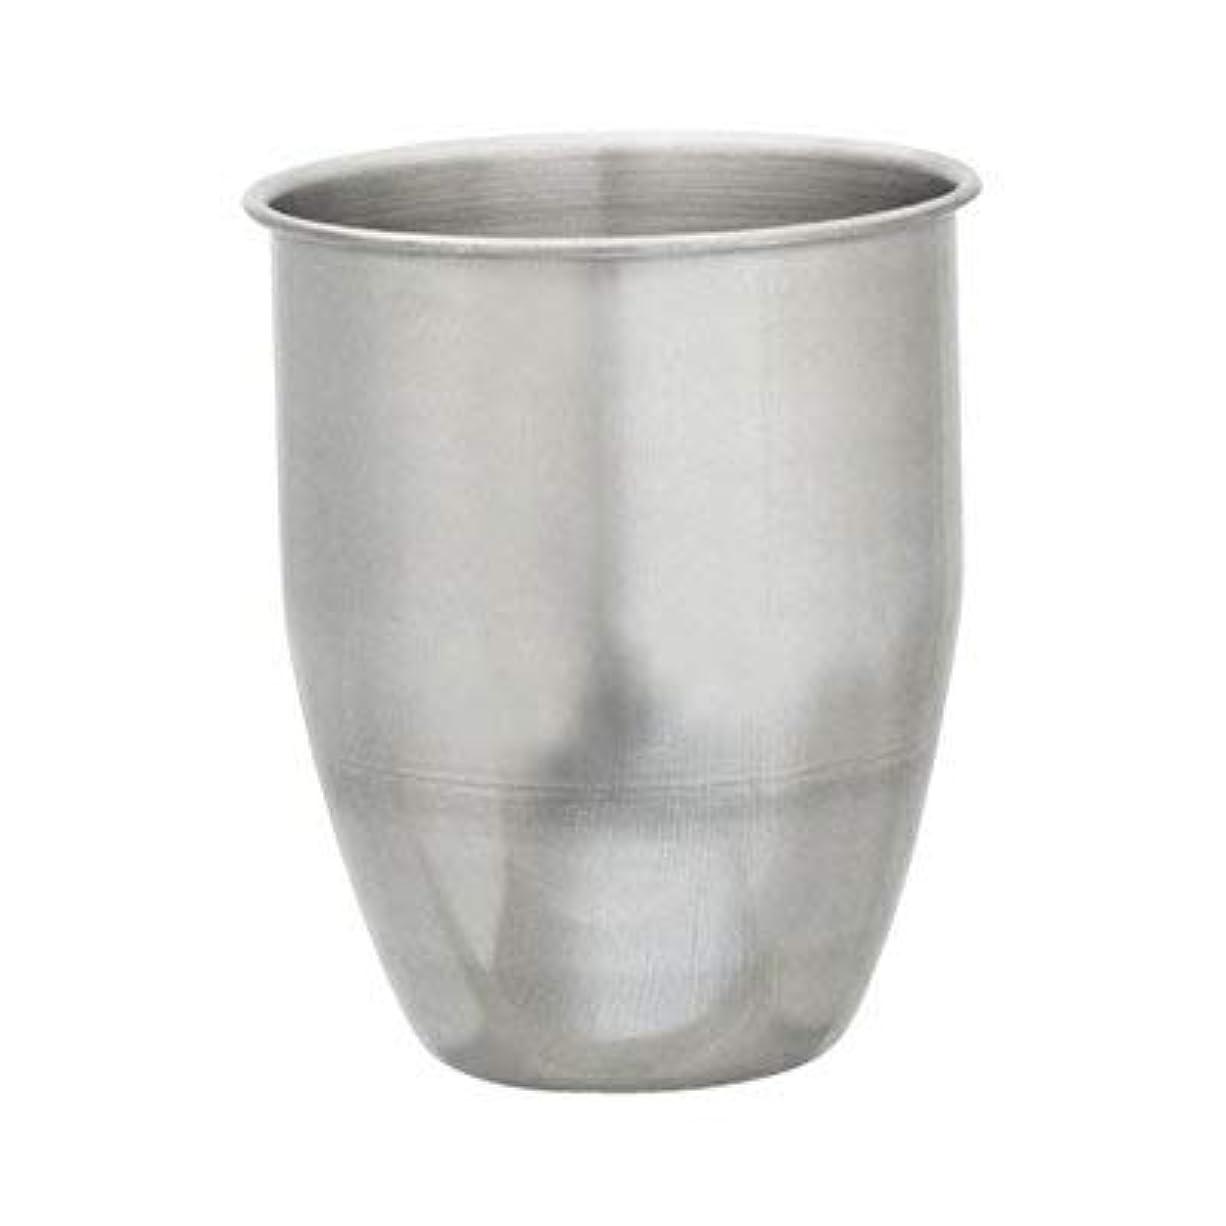 ロール最大の切るSHAREYDVA ステンレスカップ